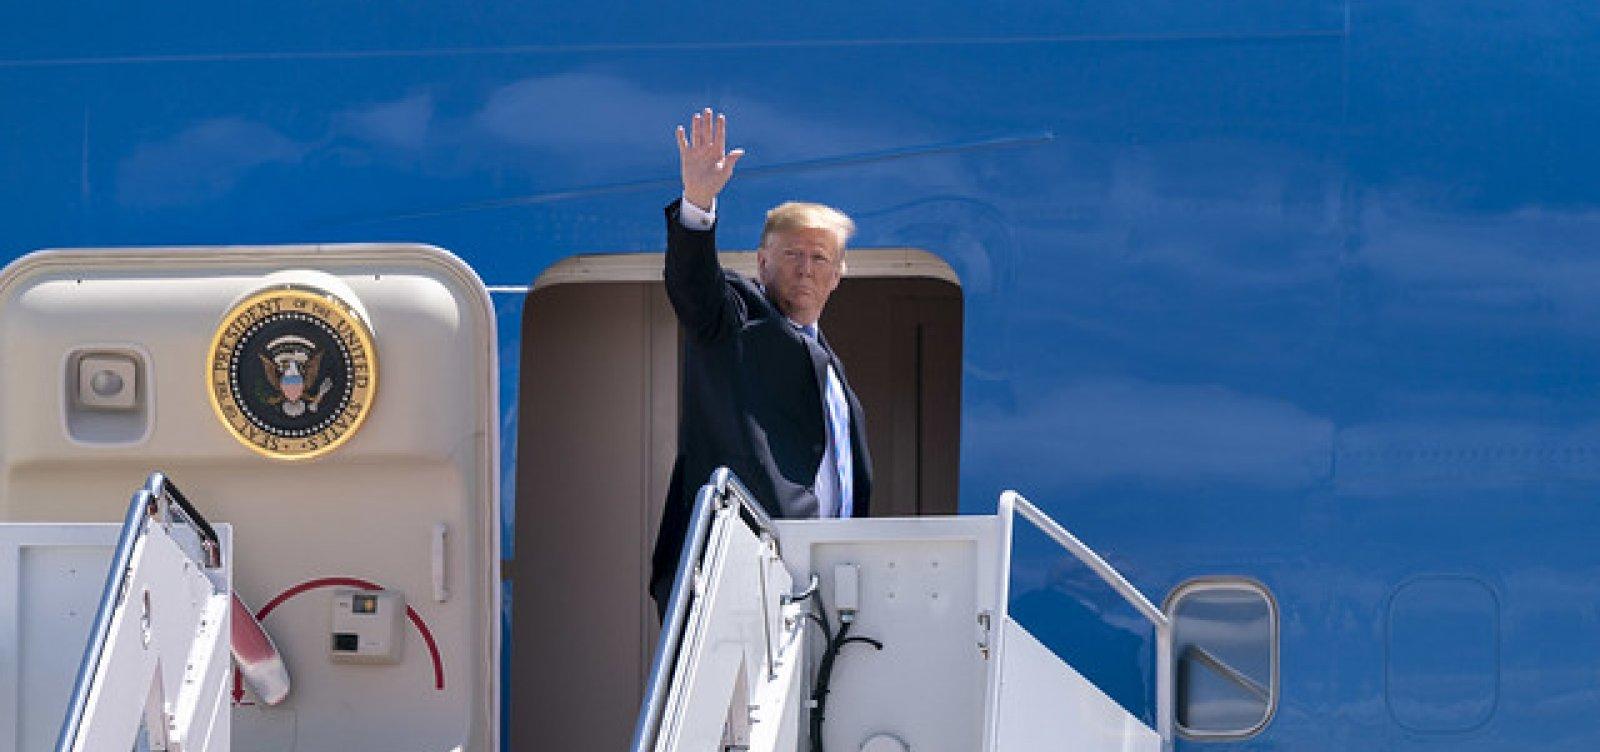 Trump declara emergência nacional e proíbe equipamentos de telecomunicações estrangeiros